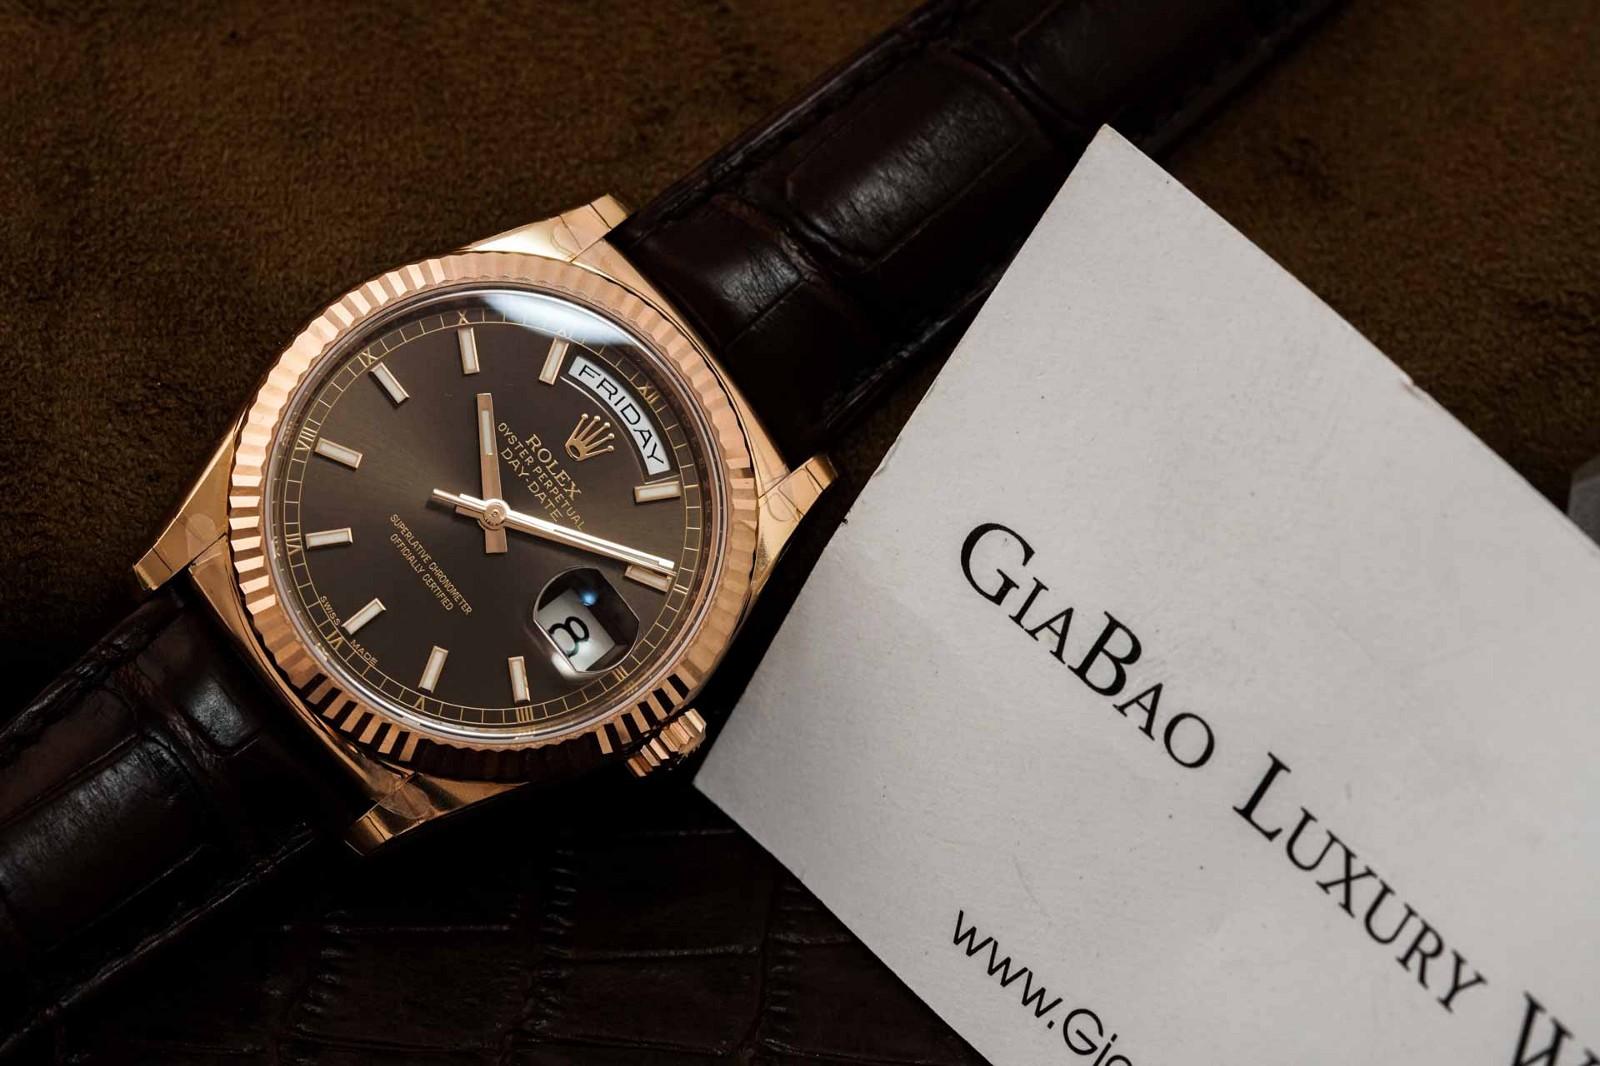 Gia Bảo Luxury - Địa chỉ cung cấp đồng hồ Rolex chính hãng uy tín